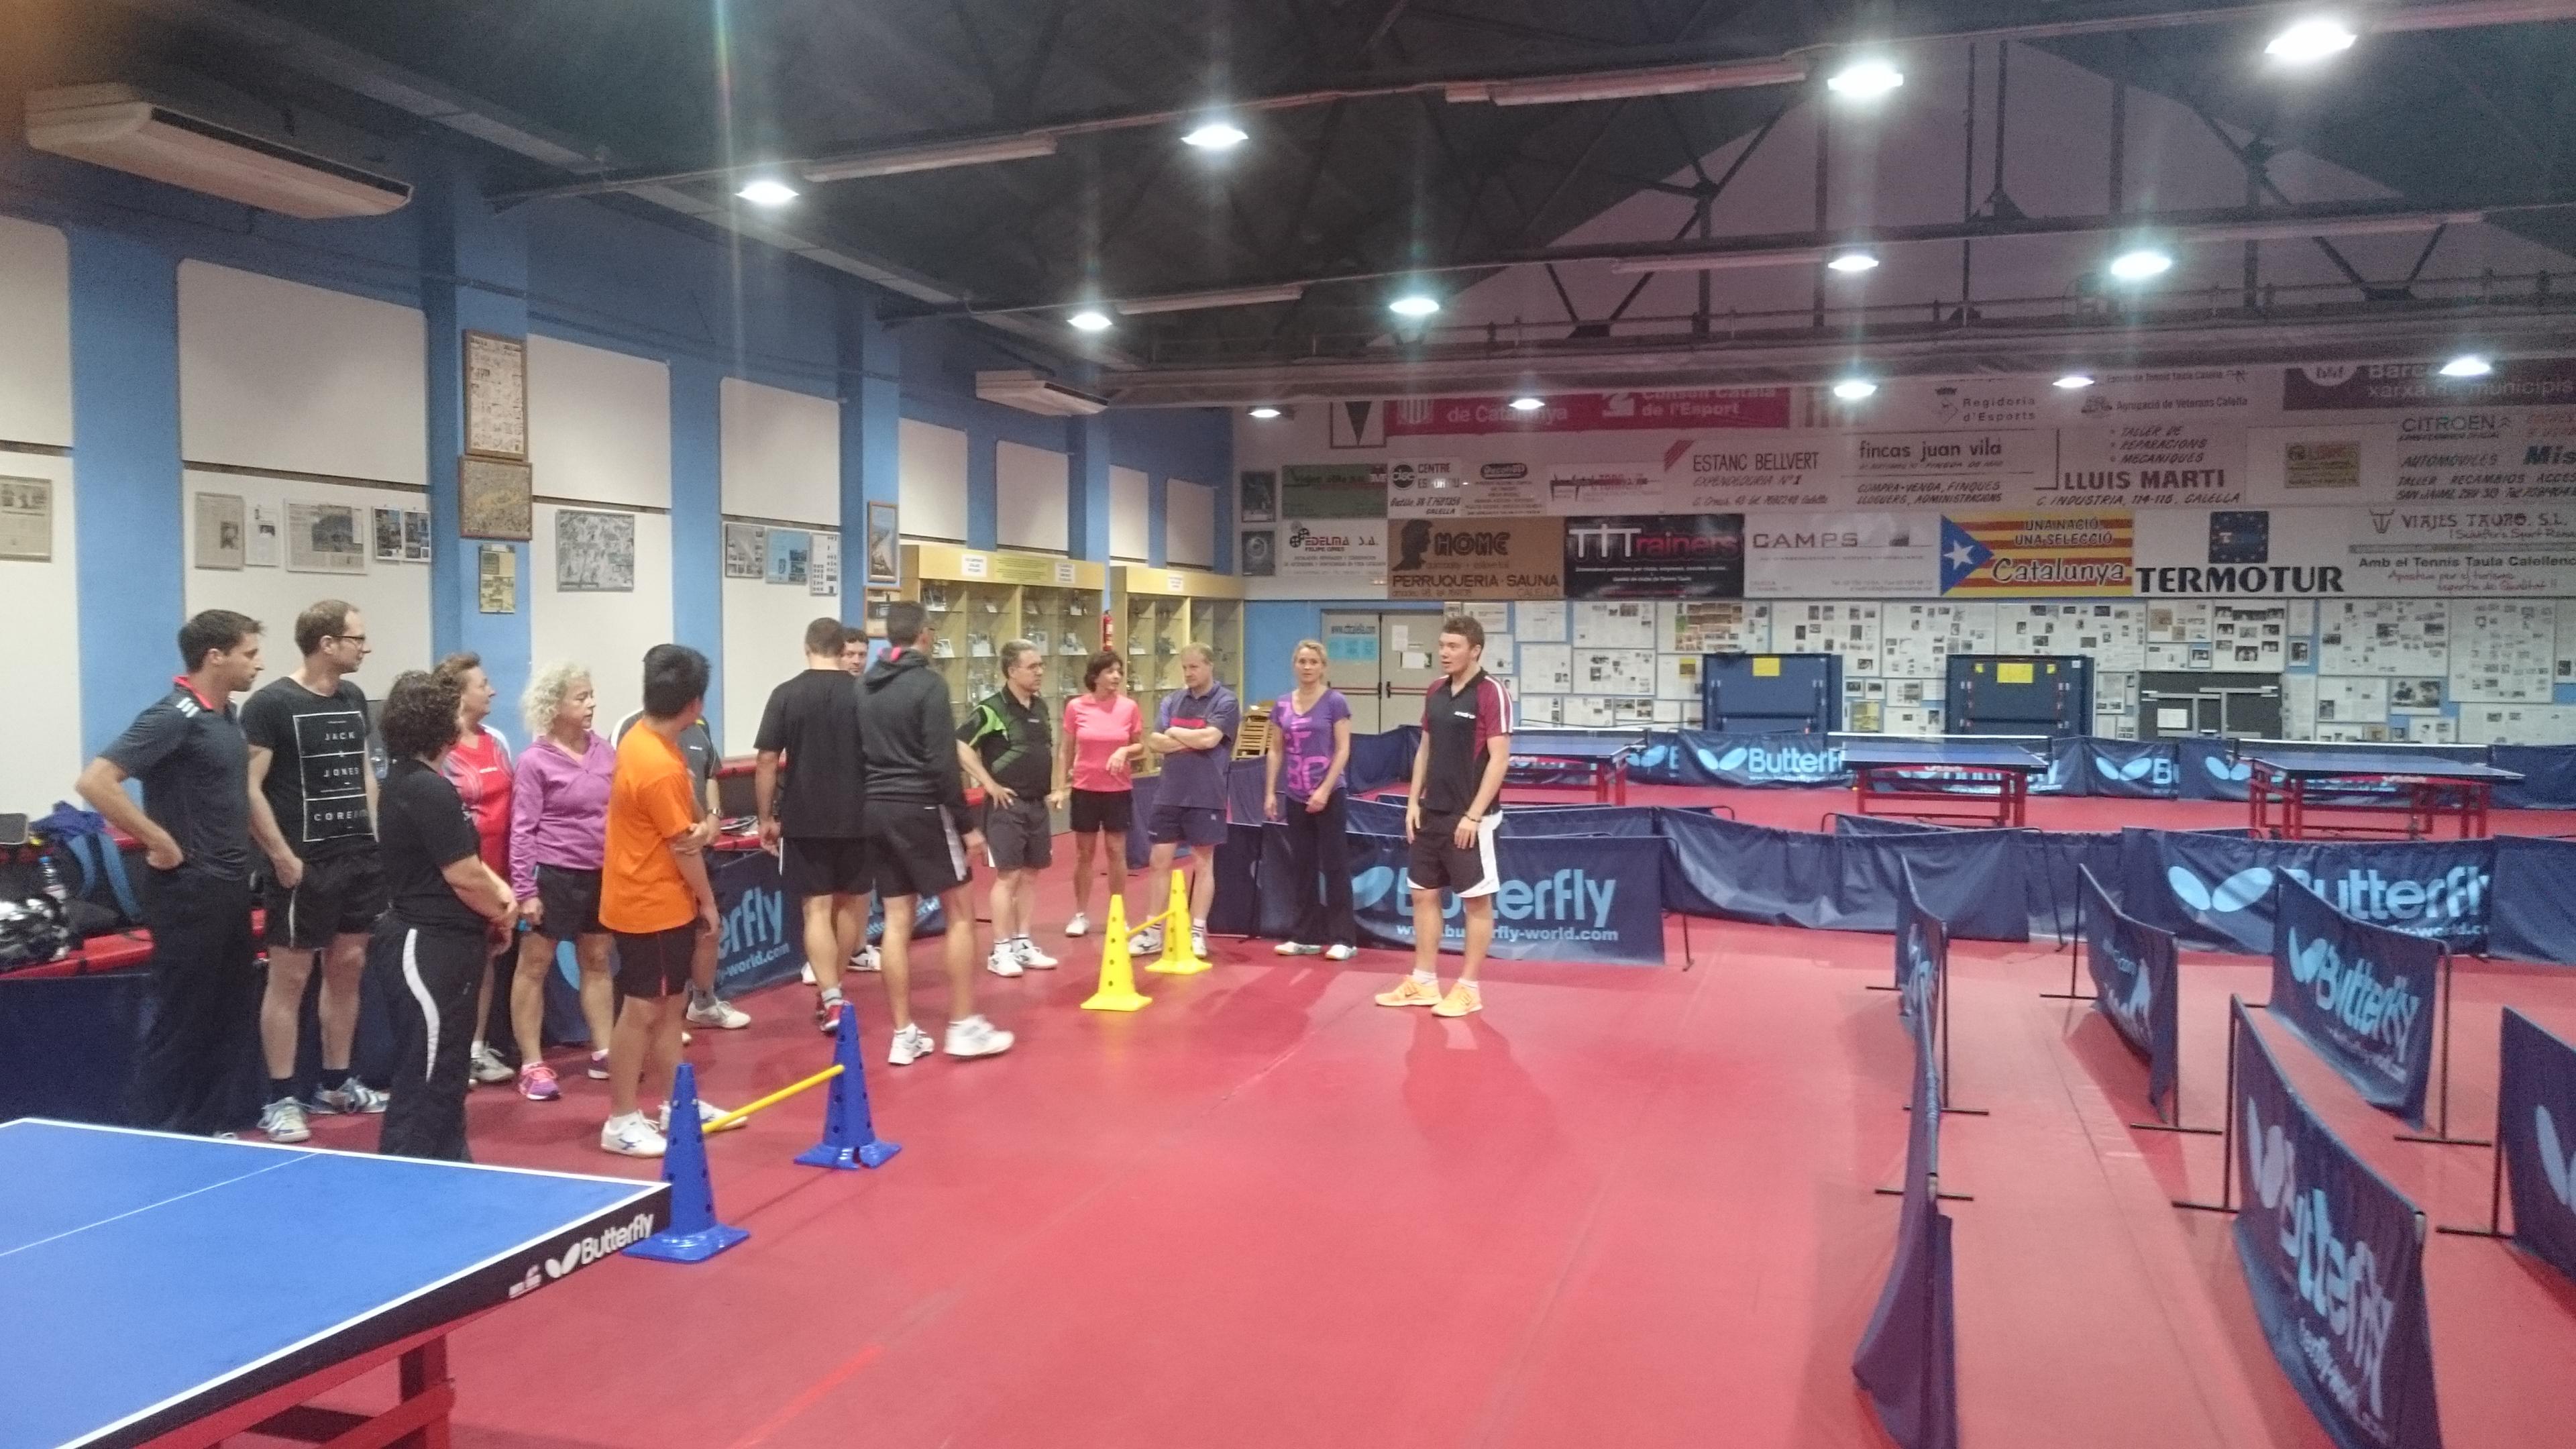 tischtennis lehrgang in calella spanien